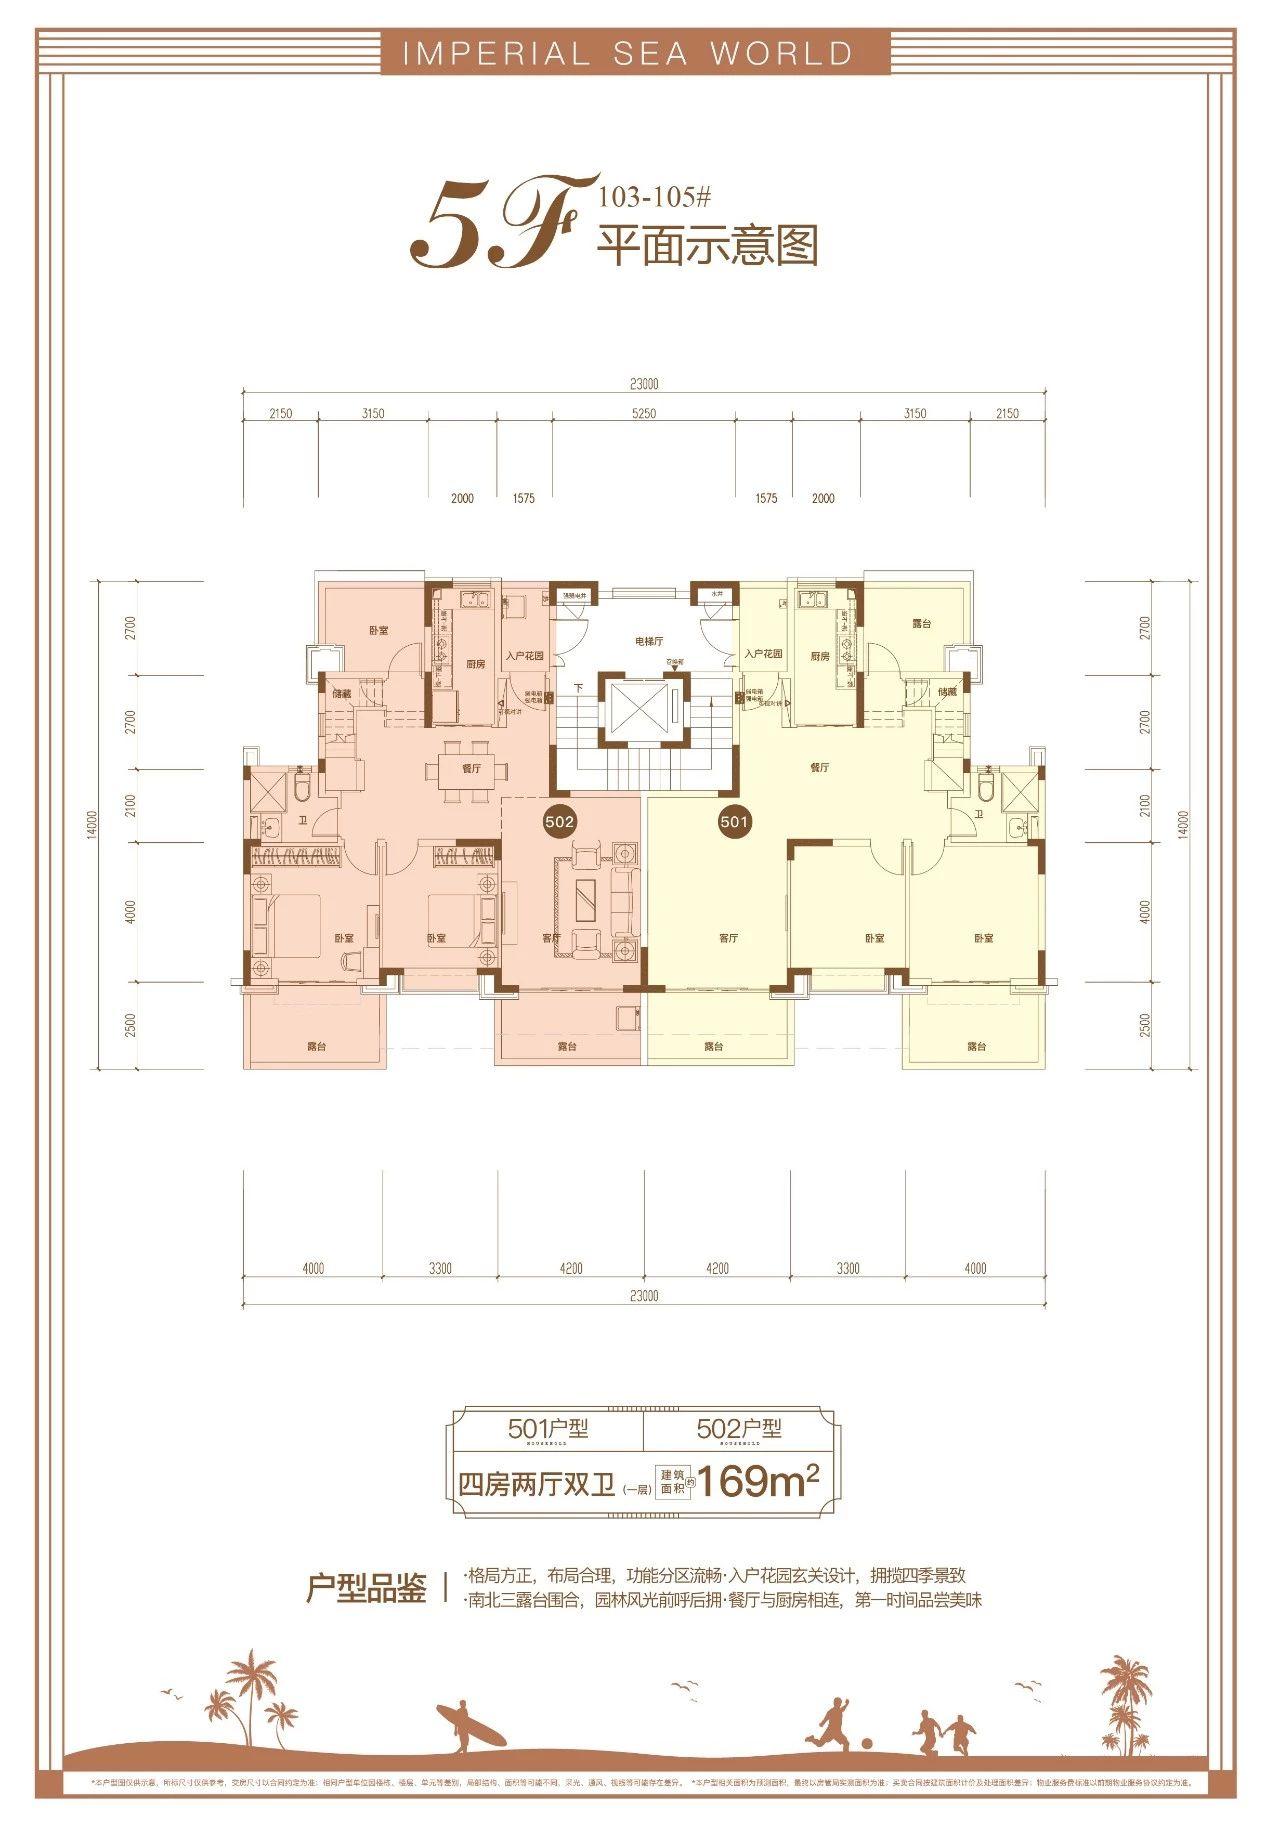 恒大御海天下4室2厅2卫 (建筑面积:169.00㎡)